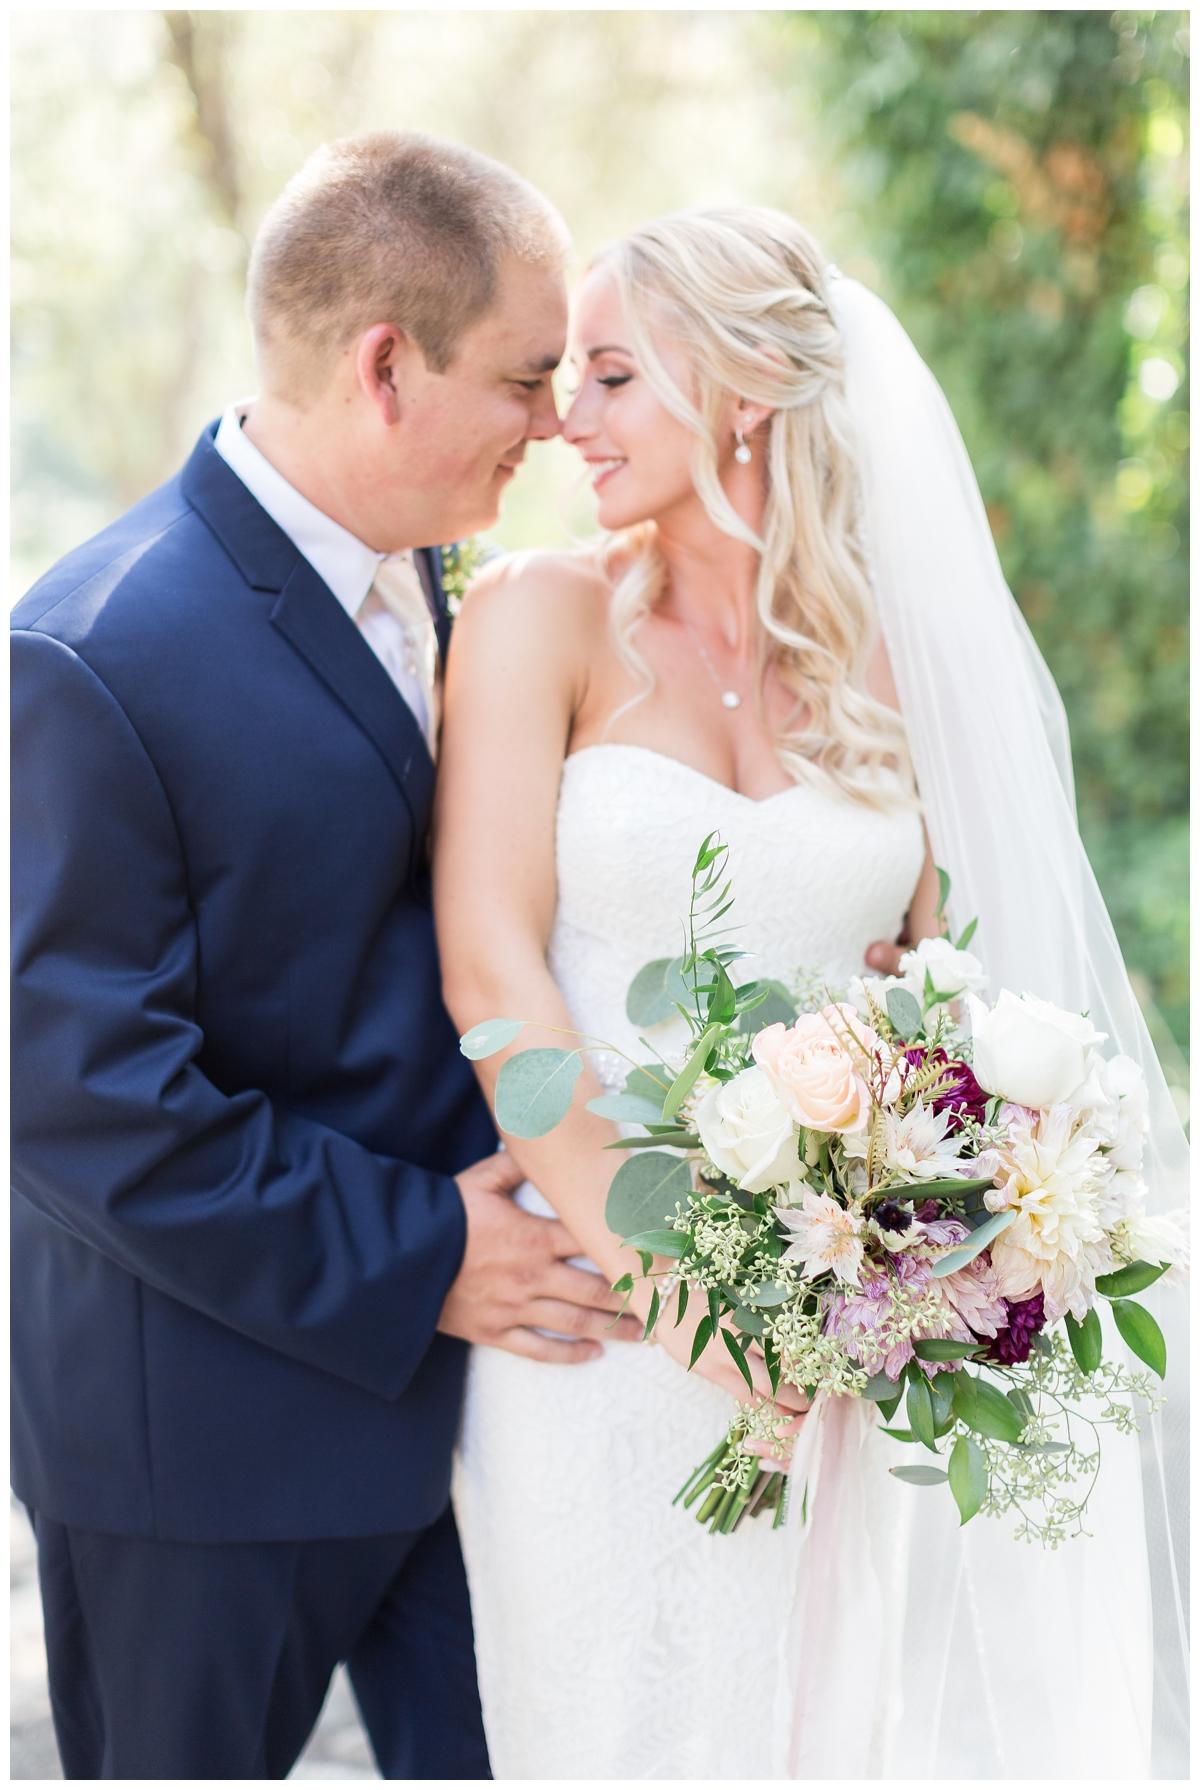 Centerville-Estates-Wedding-Photographer_5906.jpg